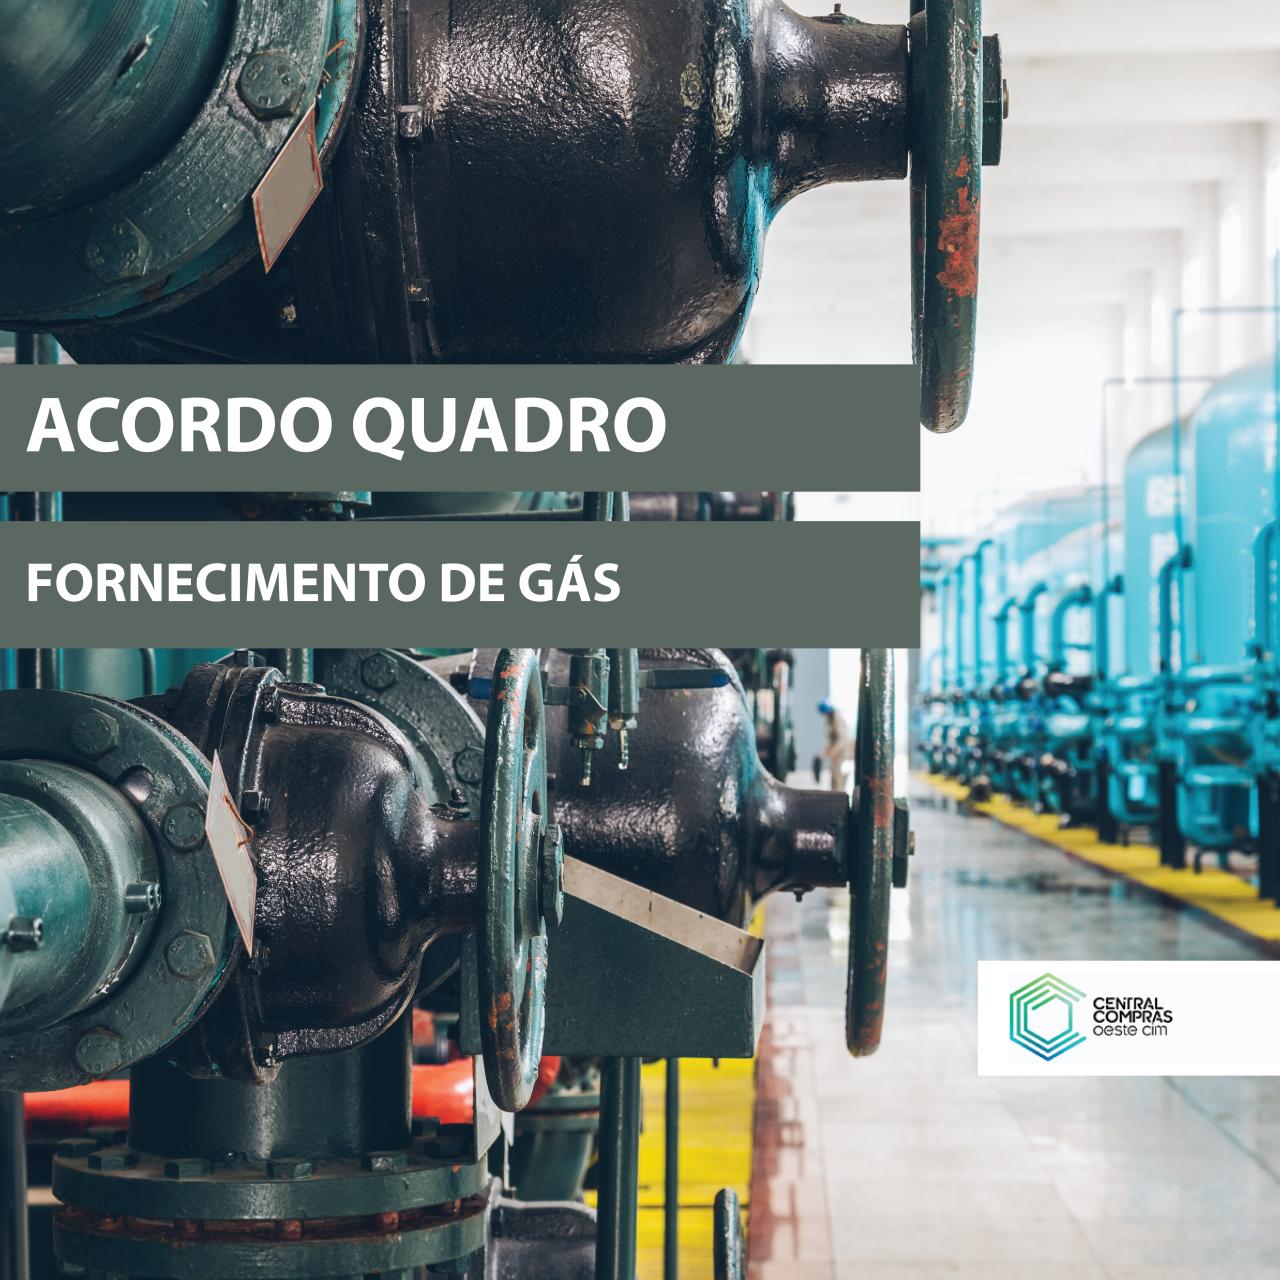 Acordo-Quadro para o Fornecimento de Gás